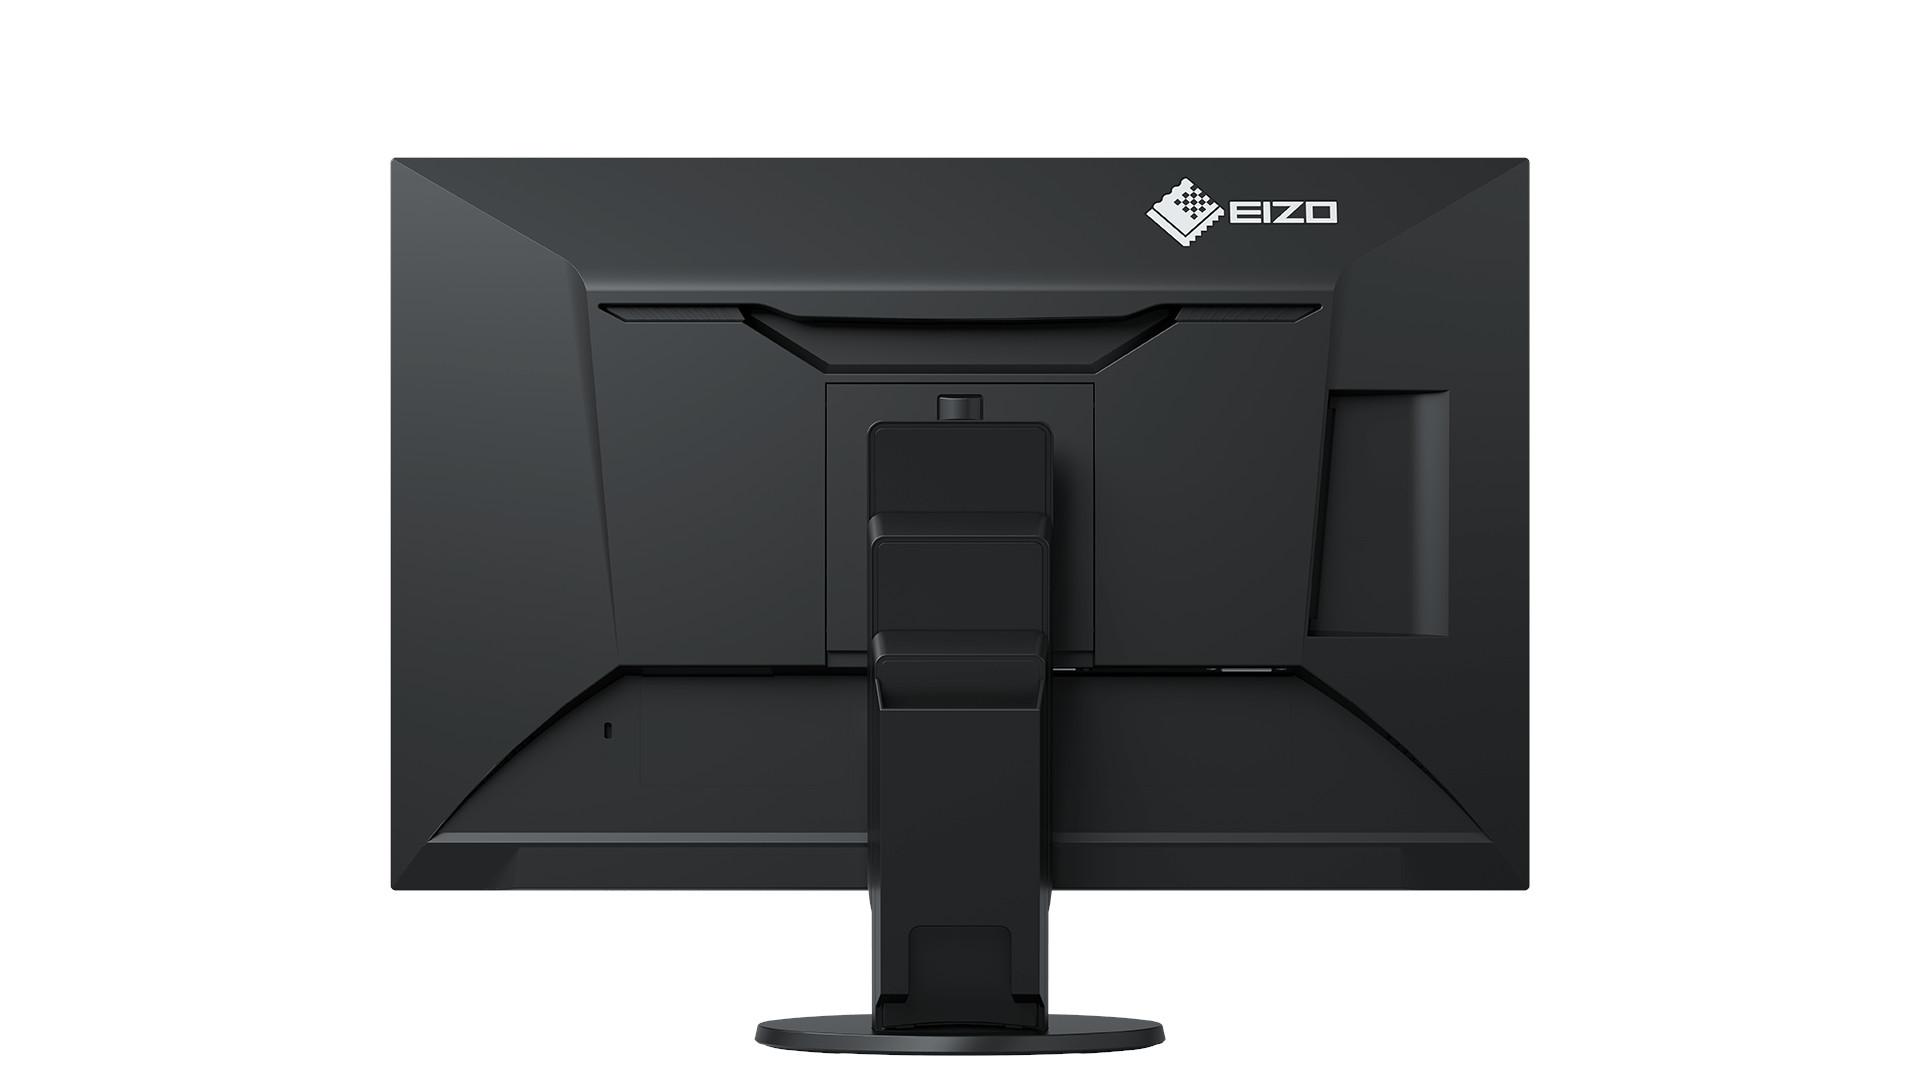 Монитор EIZO EV2456-BK-4